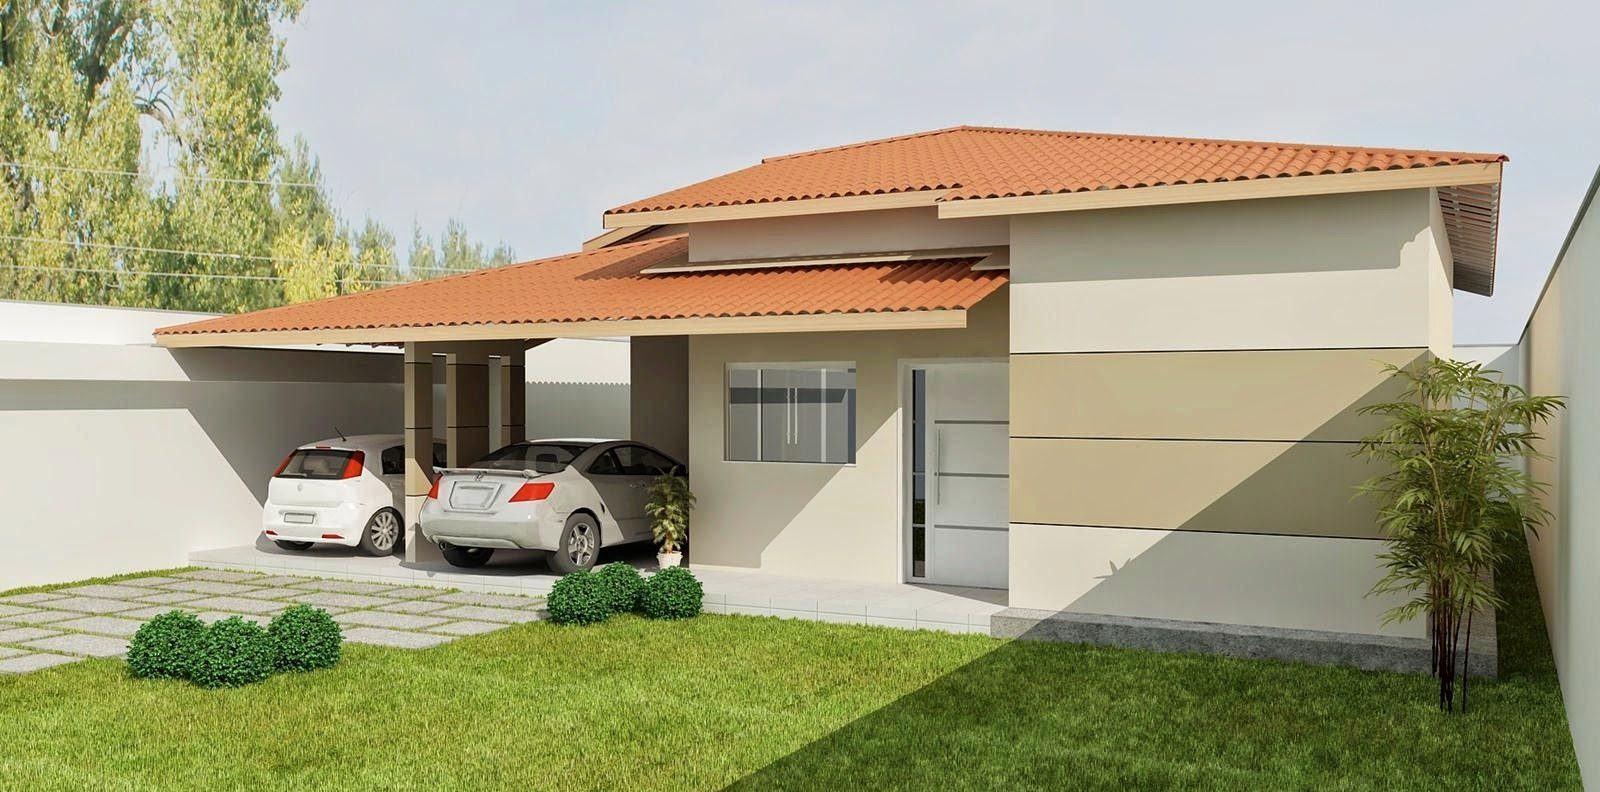 109 fachadas de casas simples e pequenas fotos lindas for Ideas fachadas de casas pequenas